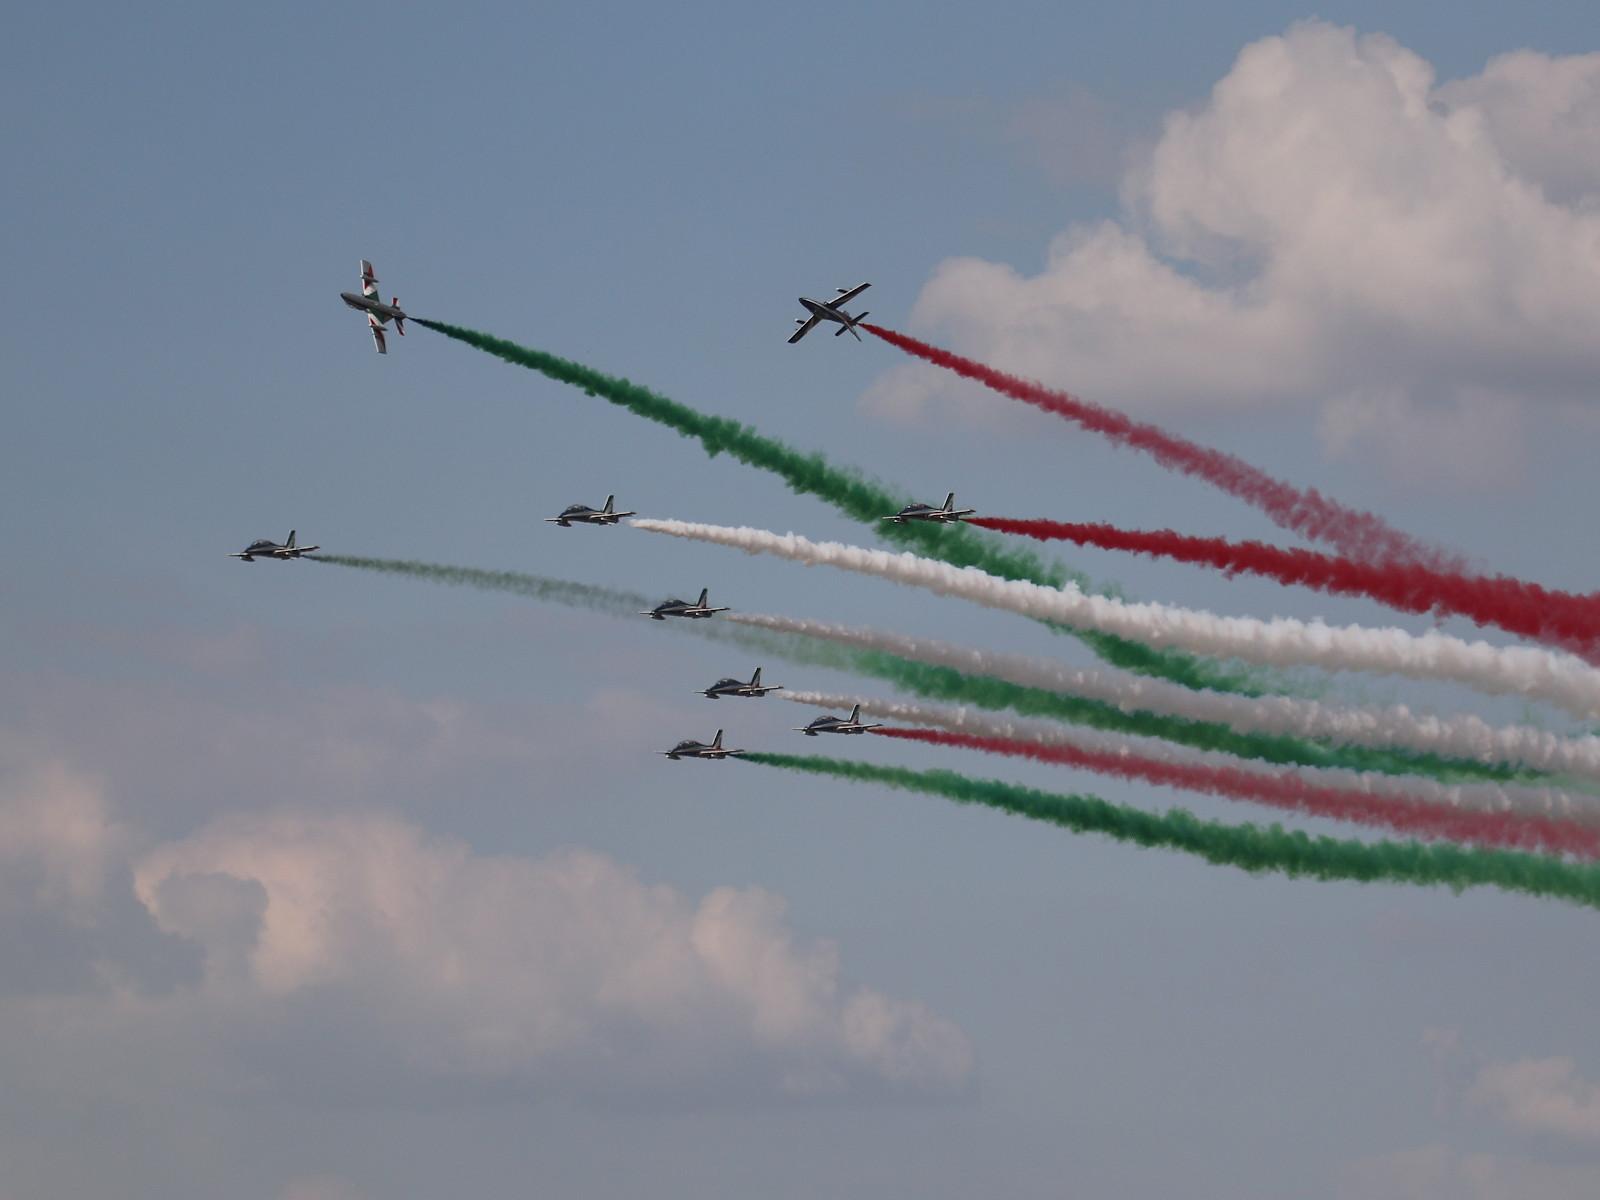 Frecce Tricolori auf 10x MB339 PAN (AT-339A) © Doppeladler.com